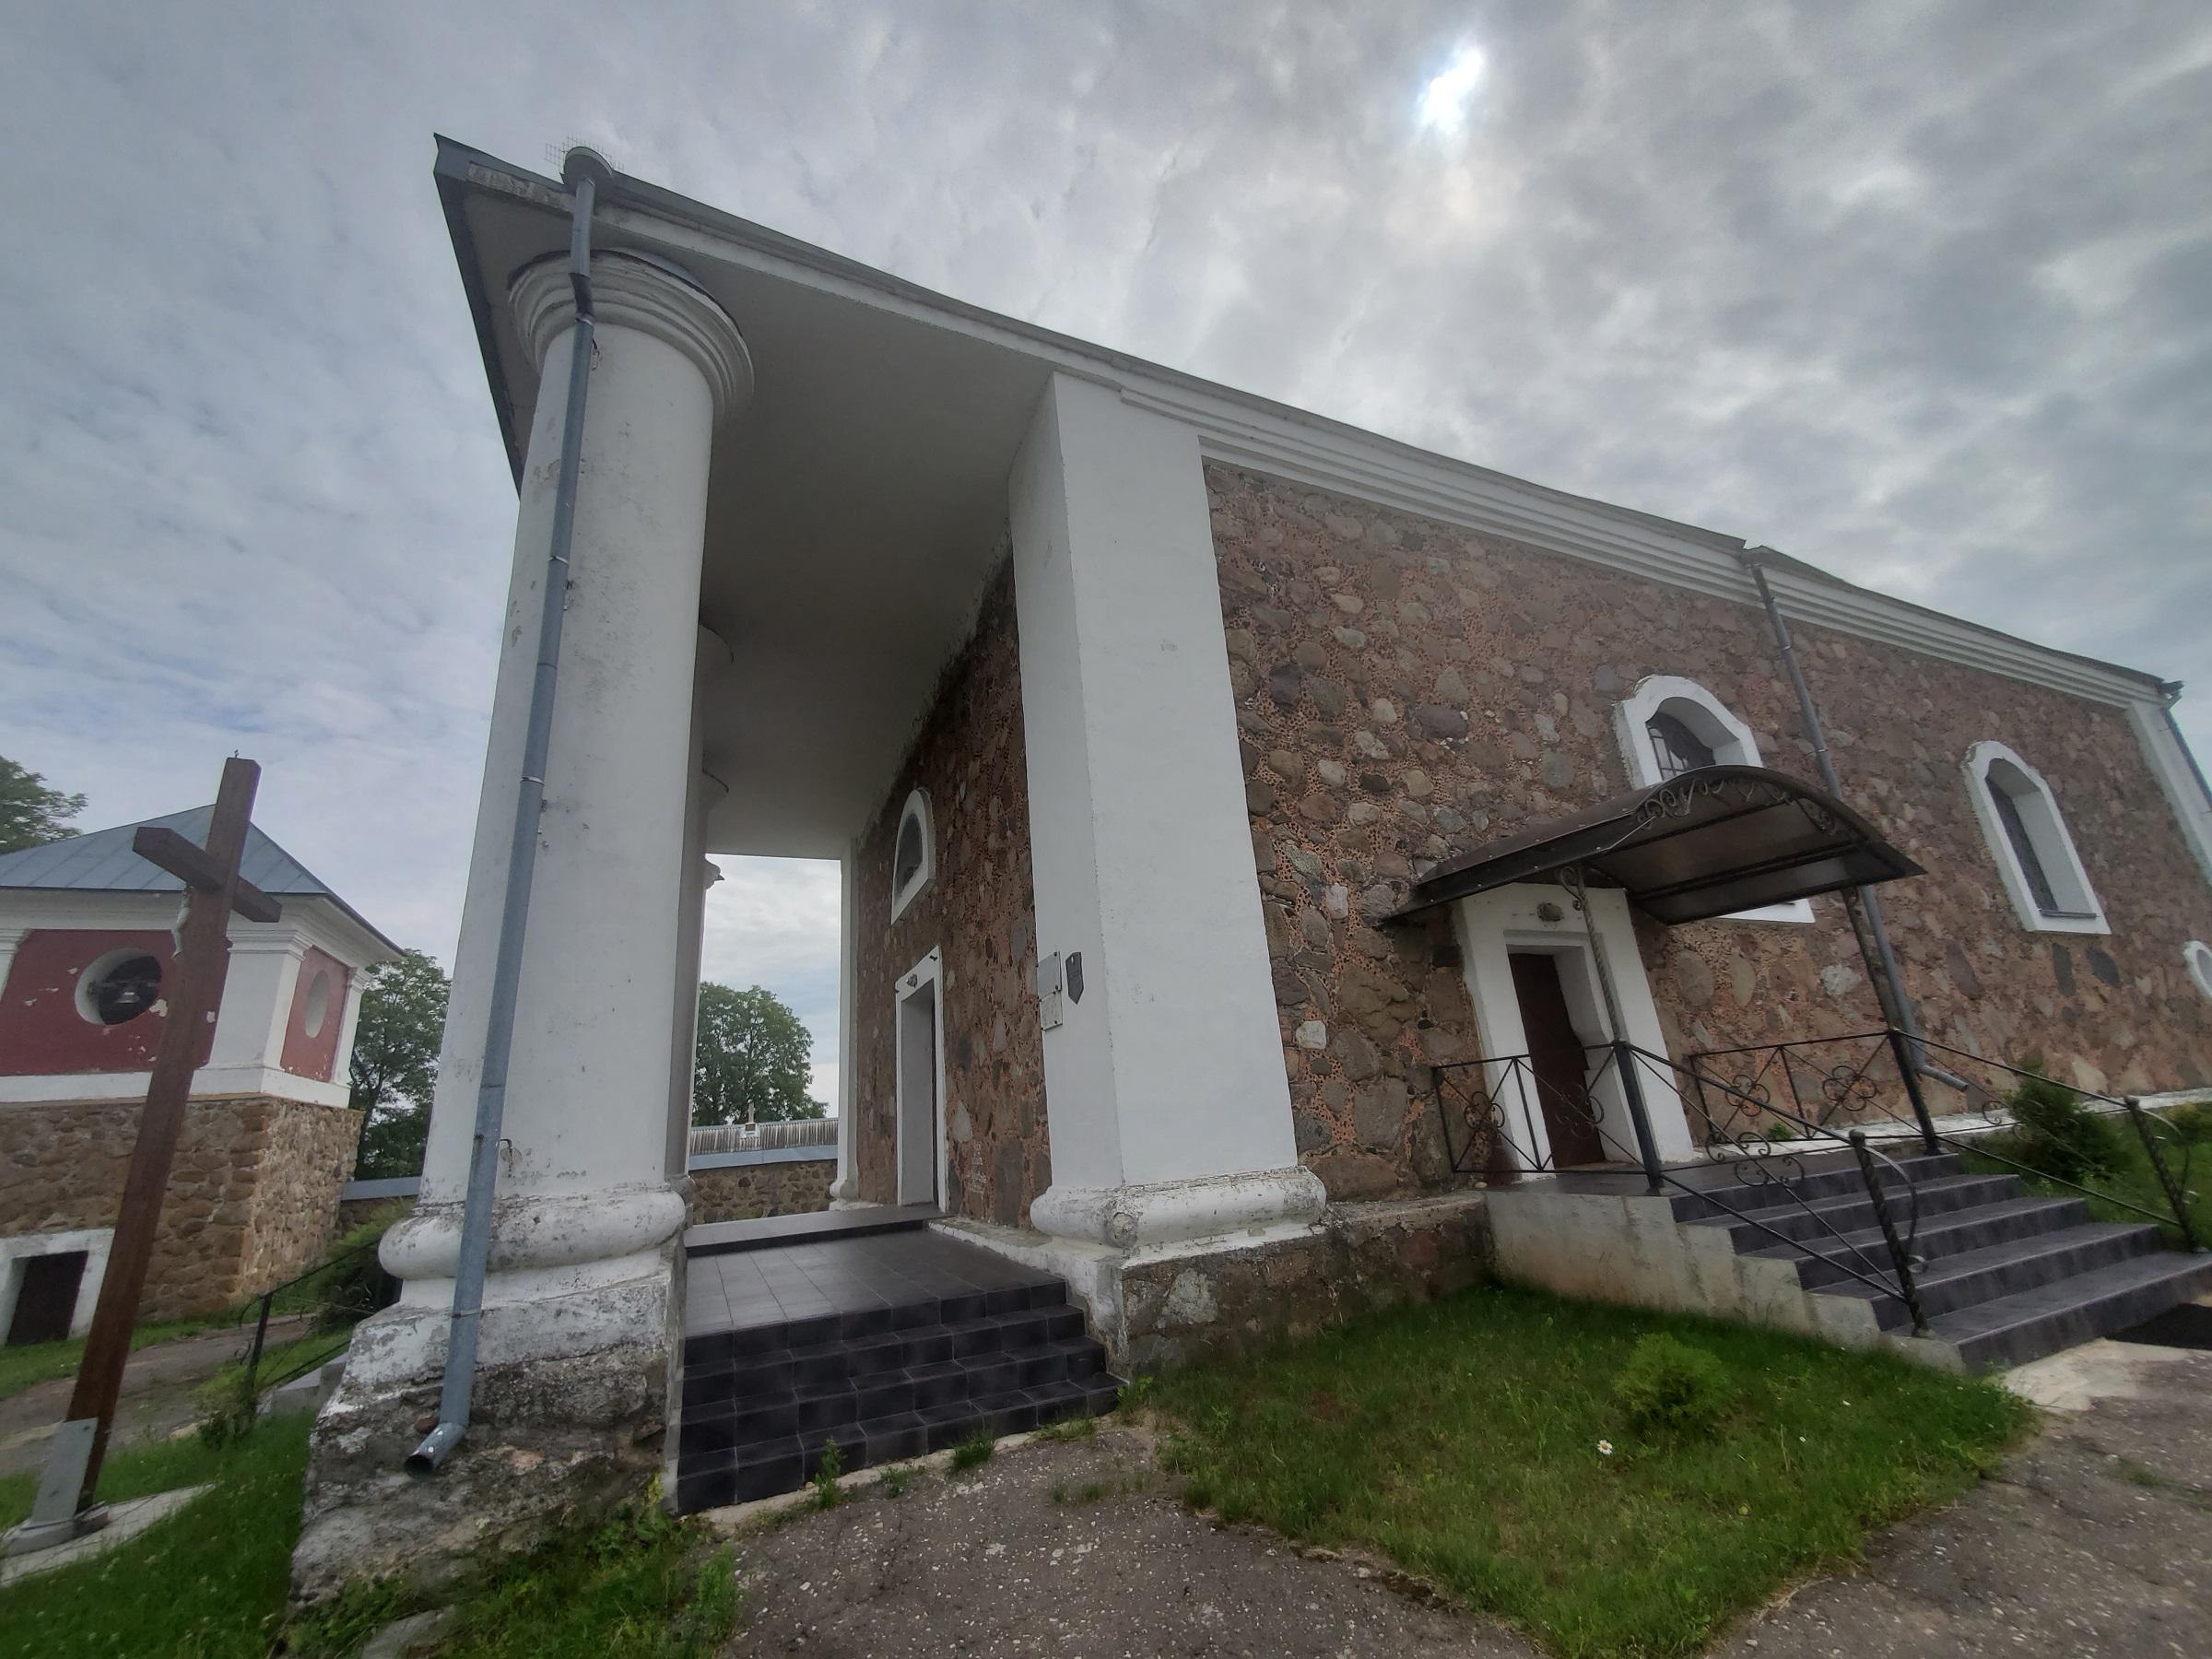 20200703 113536 - Костел Вознесения Девы Марии в Дерковщине